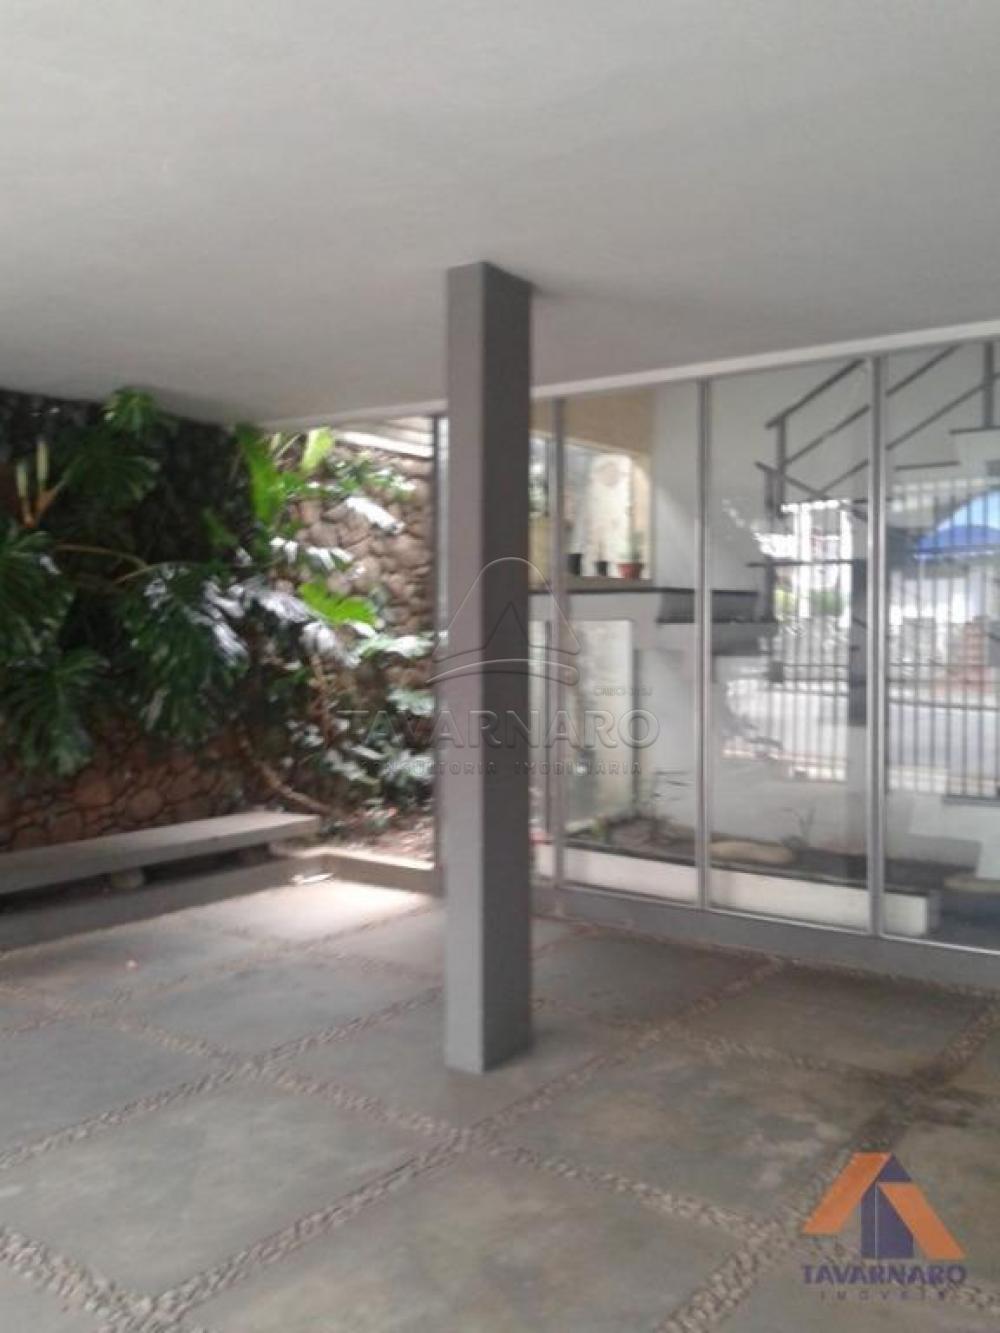 Comprar Comercial / Prédio em Ponta Grossa apenas R$ 1.900.000,00 - Foto 4